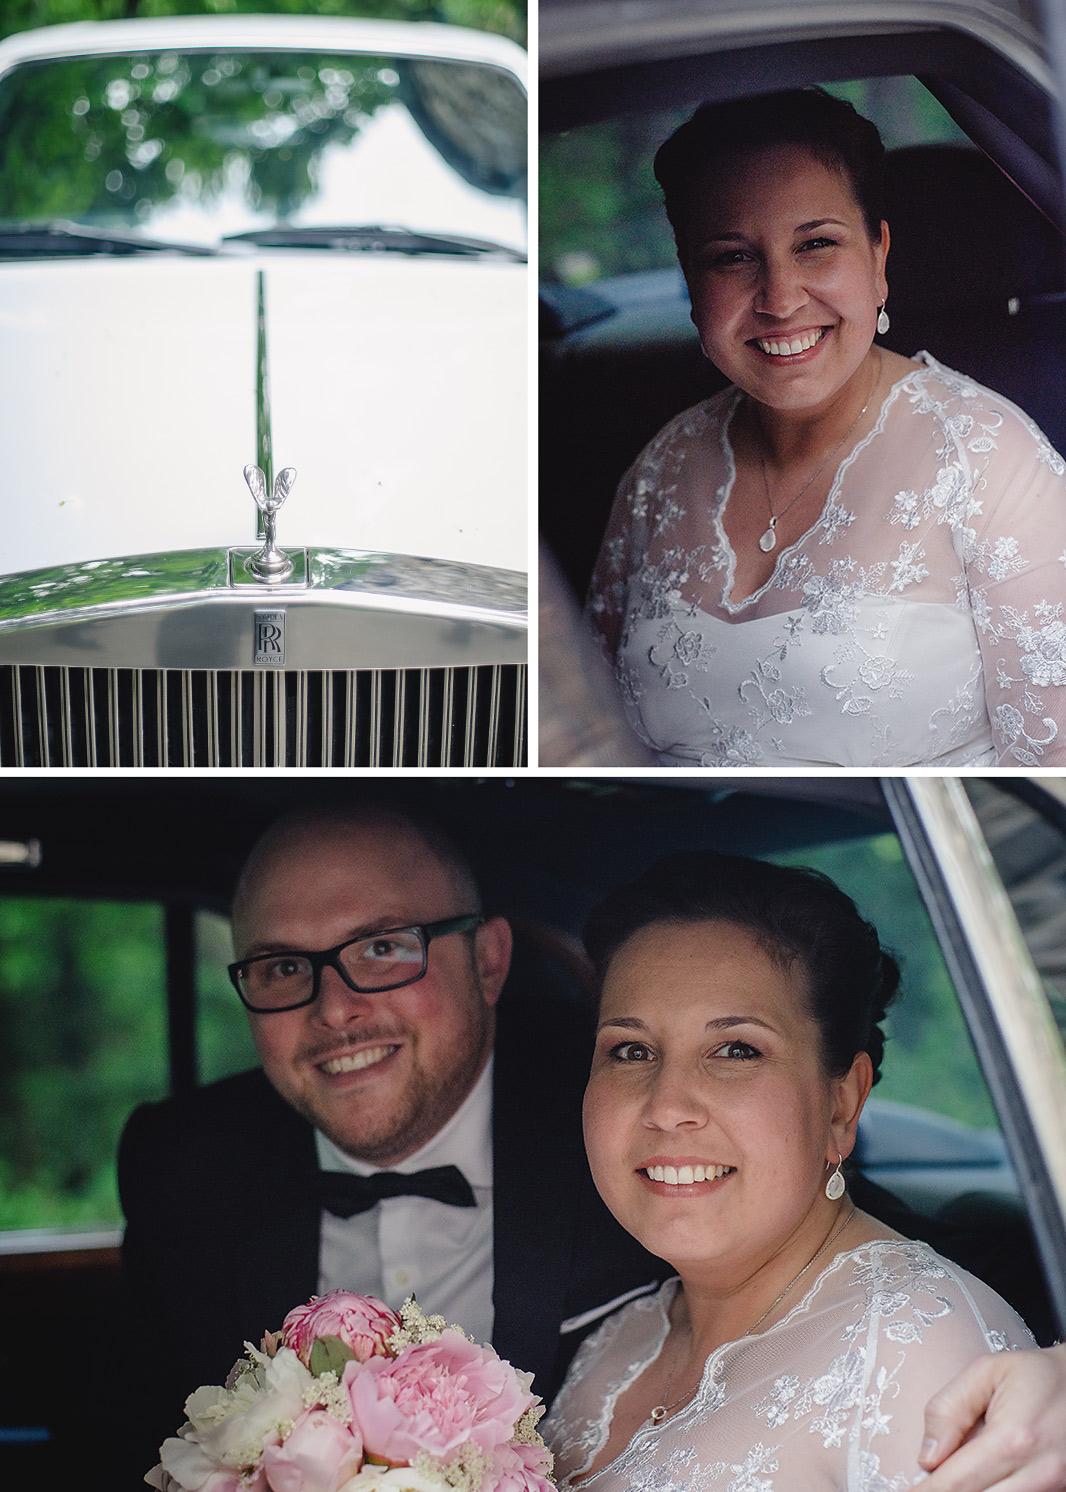 Hochzeit, Hochzeitsfotografie, Astrid Ebert Fotografie, Hochzeitfotograf Aachen, Salvatorkirche Aachen, Brautpaar, kirchliche Trauung, Brautauto, Hochzeitswagen, Abfahrt